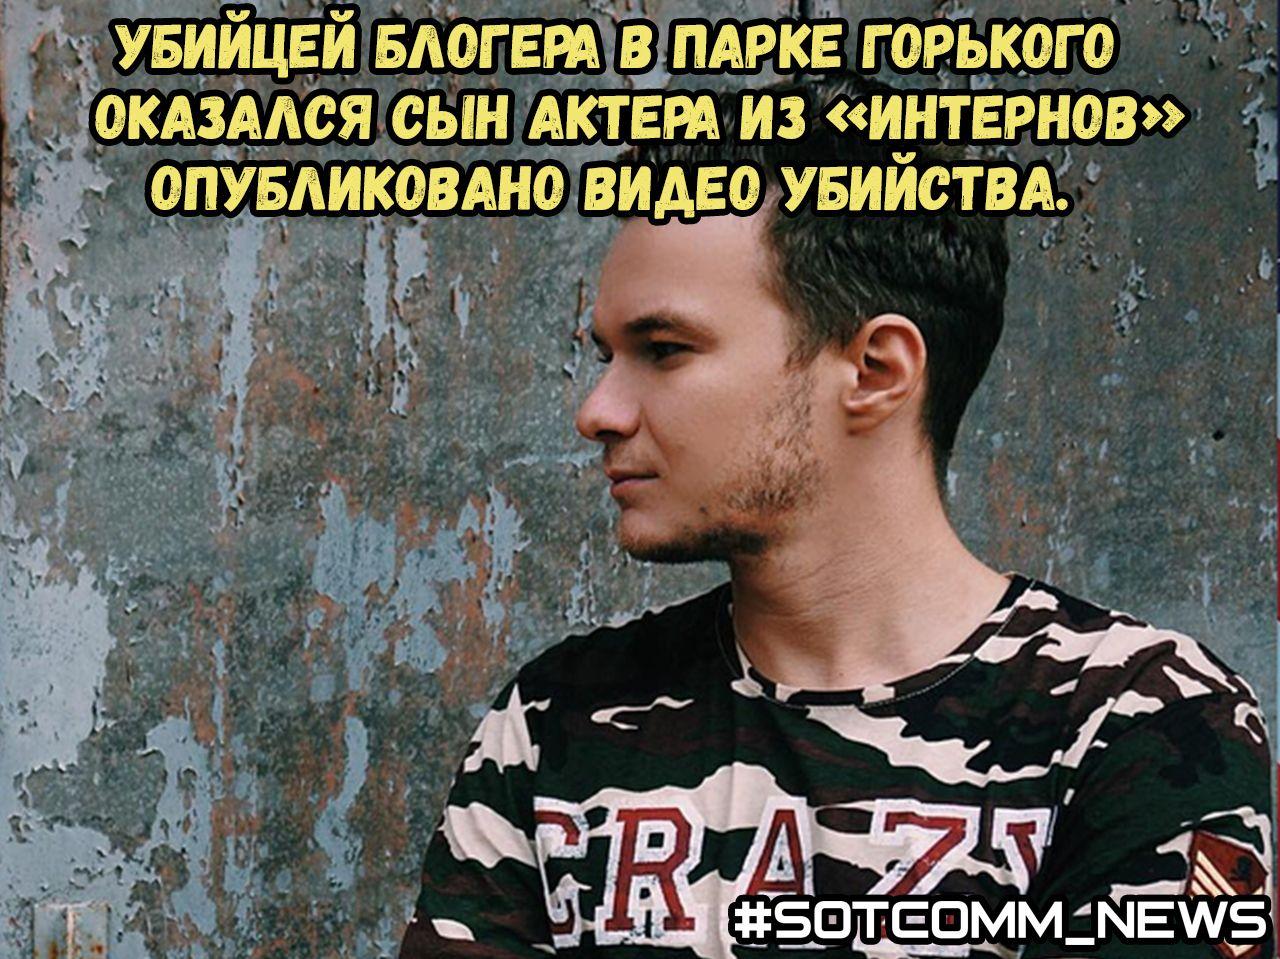 Убийцей блогера в парке Горького оказался сын актера из «Интернов» опубликовано видео убийства.